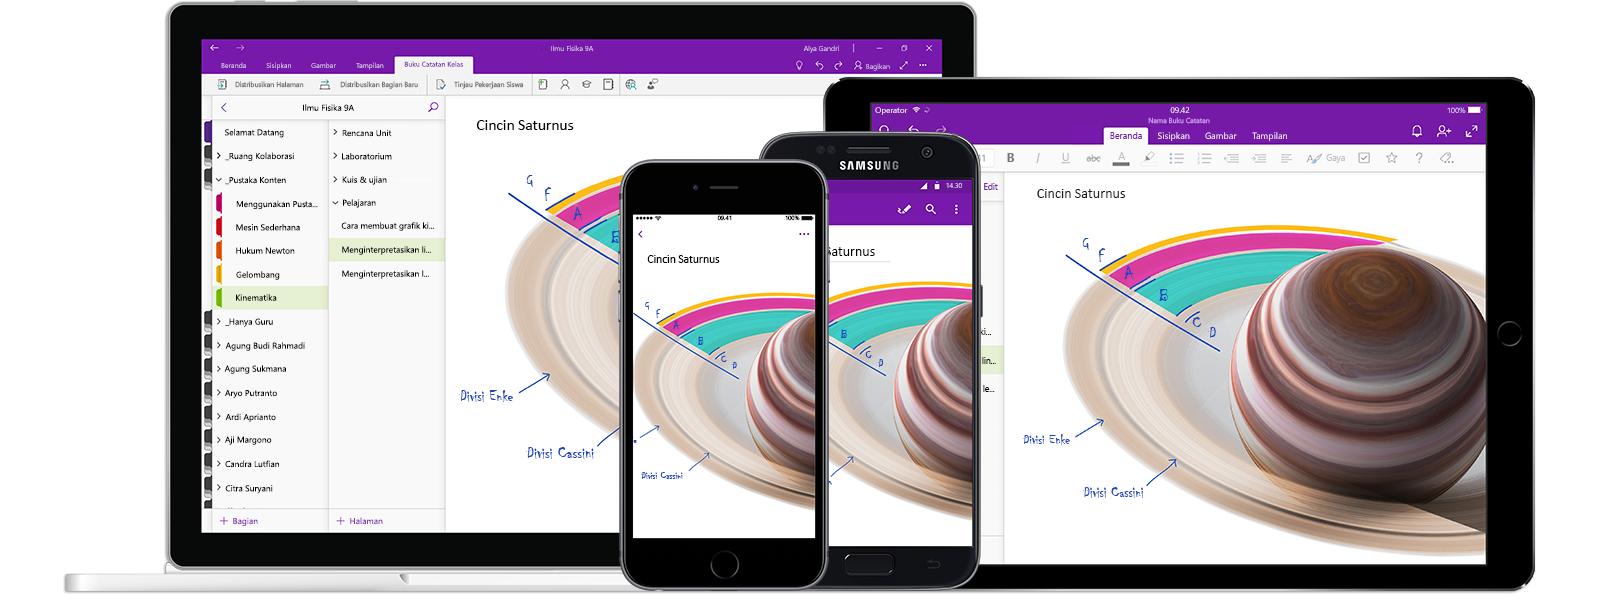 Buku catatan OneNote berjudul Ilmu Fisika 9A di dua smartphone dan dua komputer tablet menampilkan pelajaran tentang grafik linear